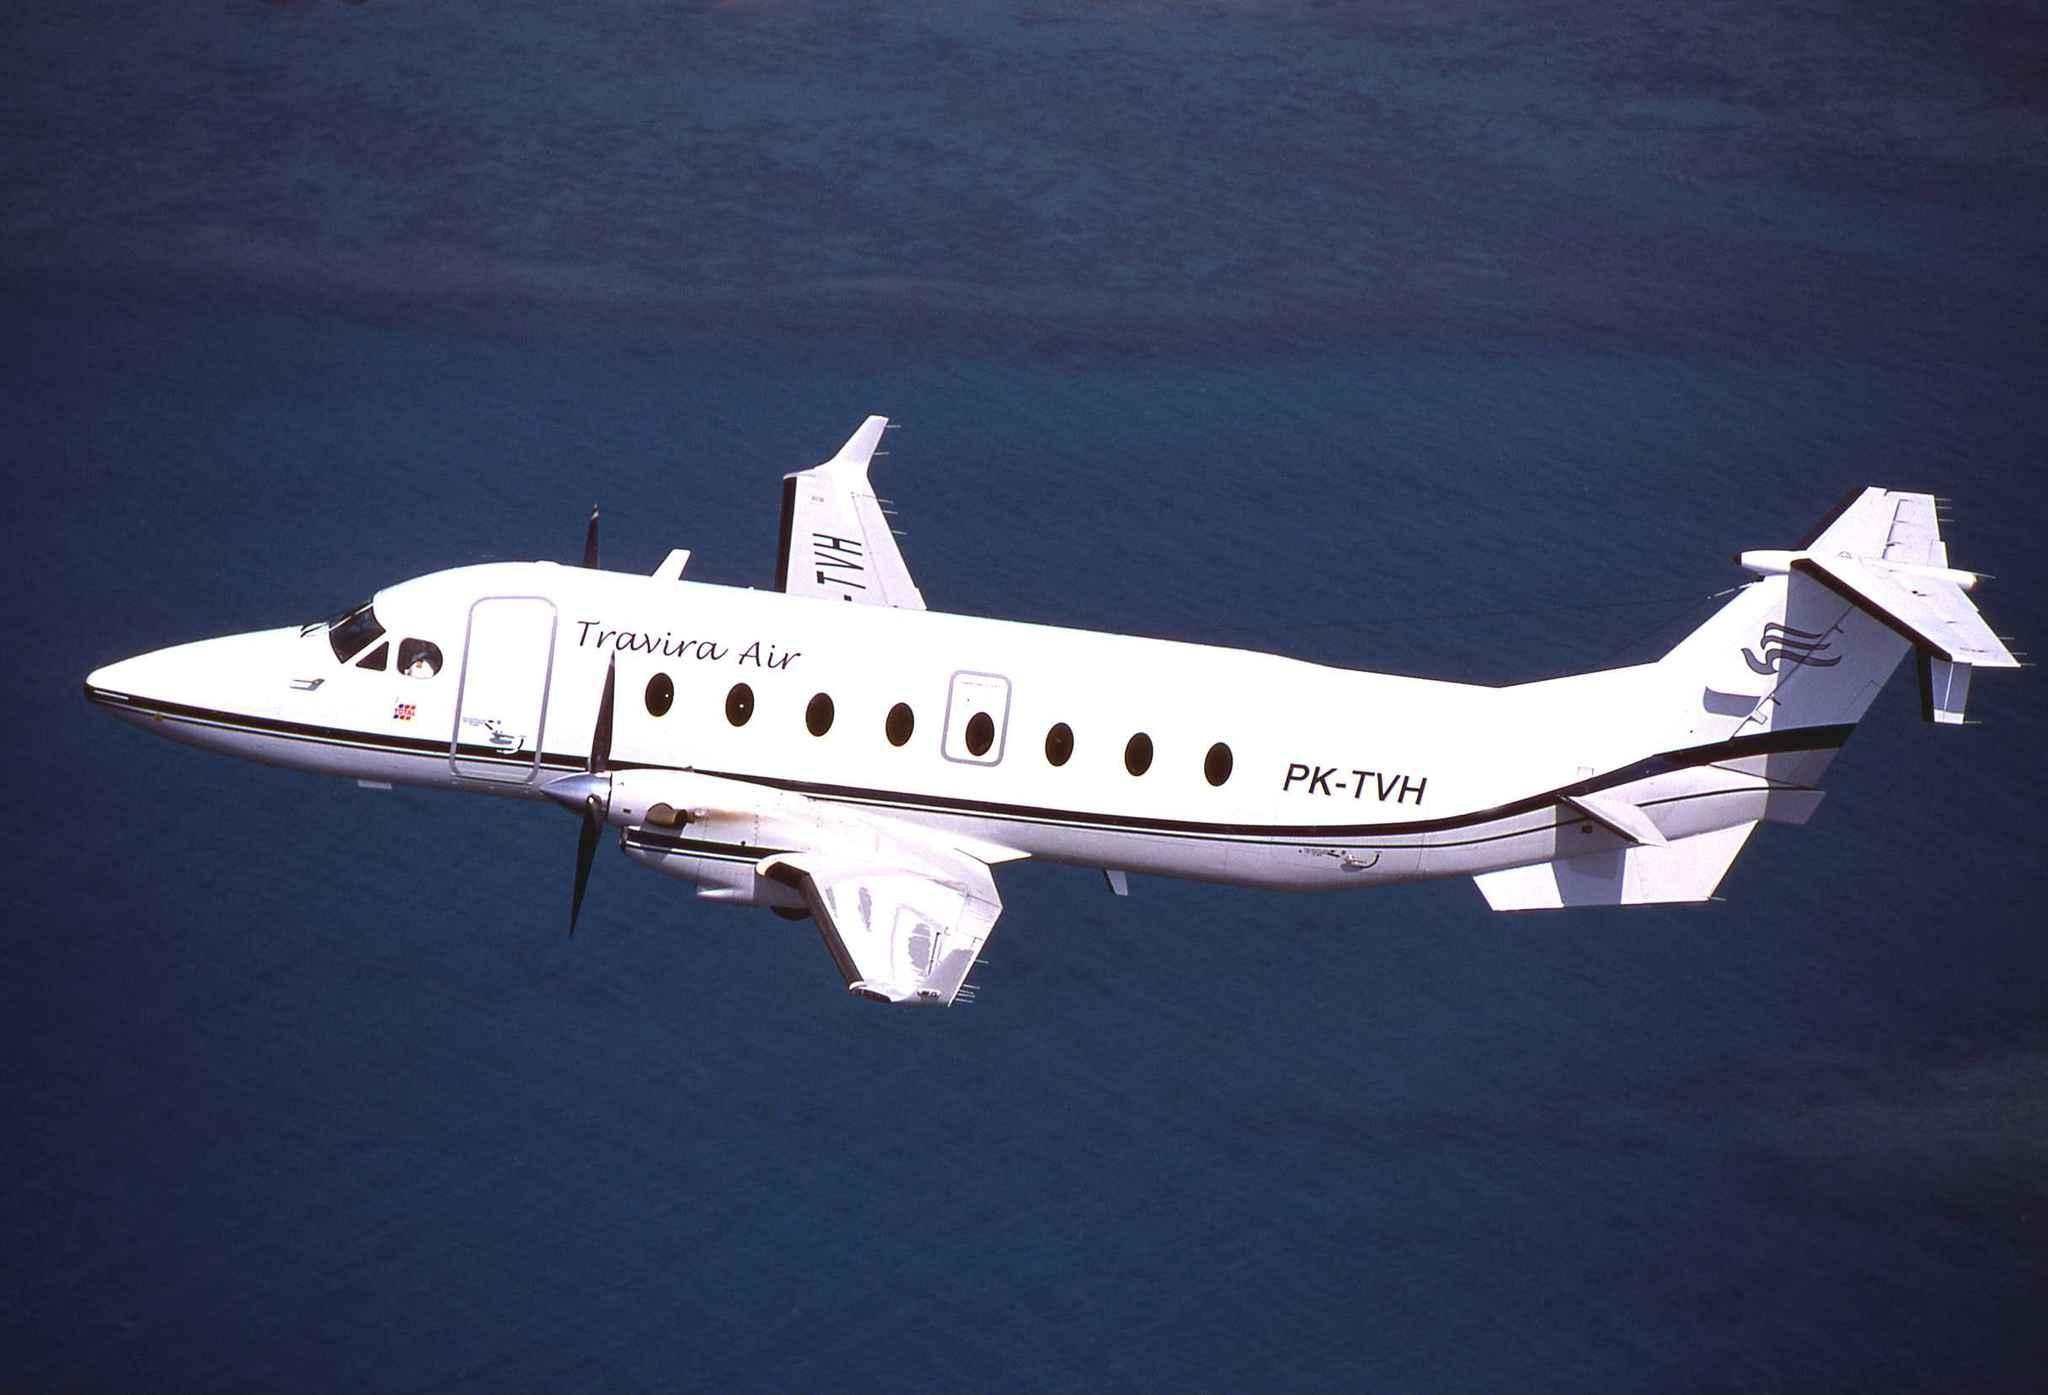 Location jet privé, j'aimerais bien pouvoir me l'offrir un jour